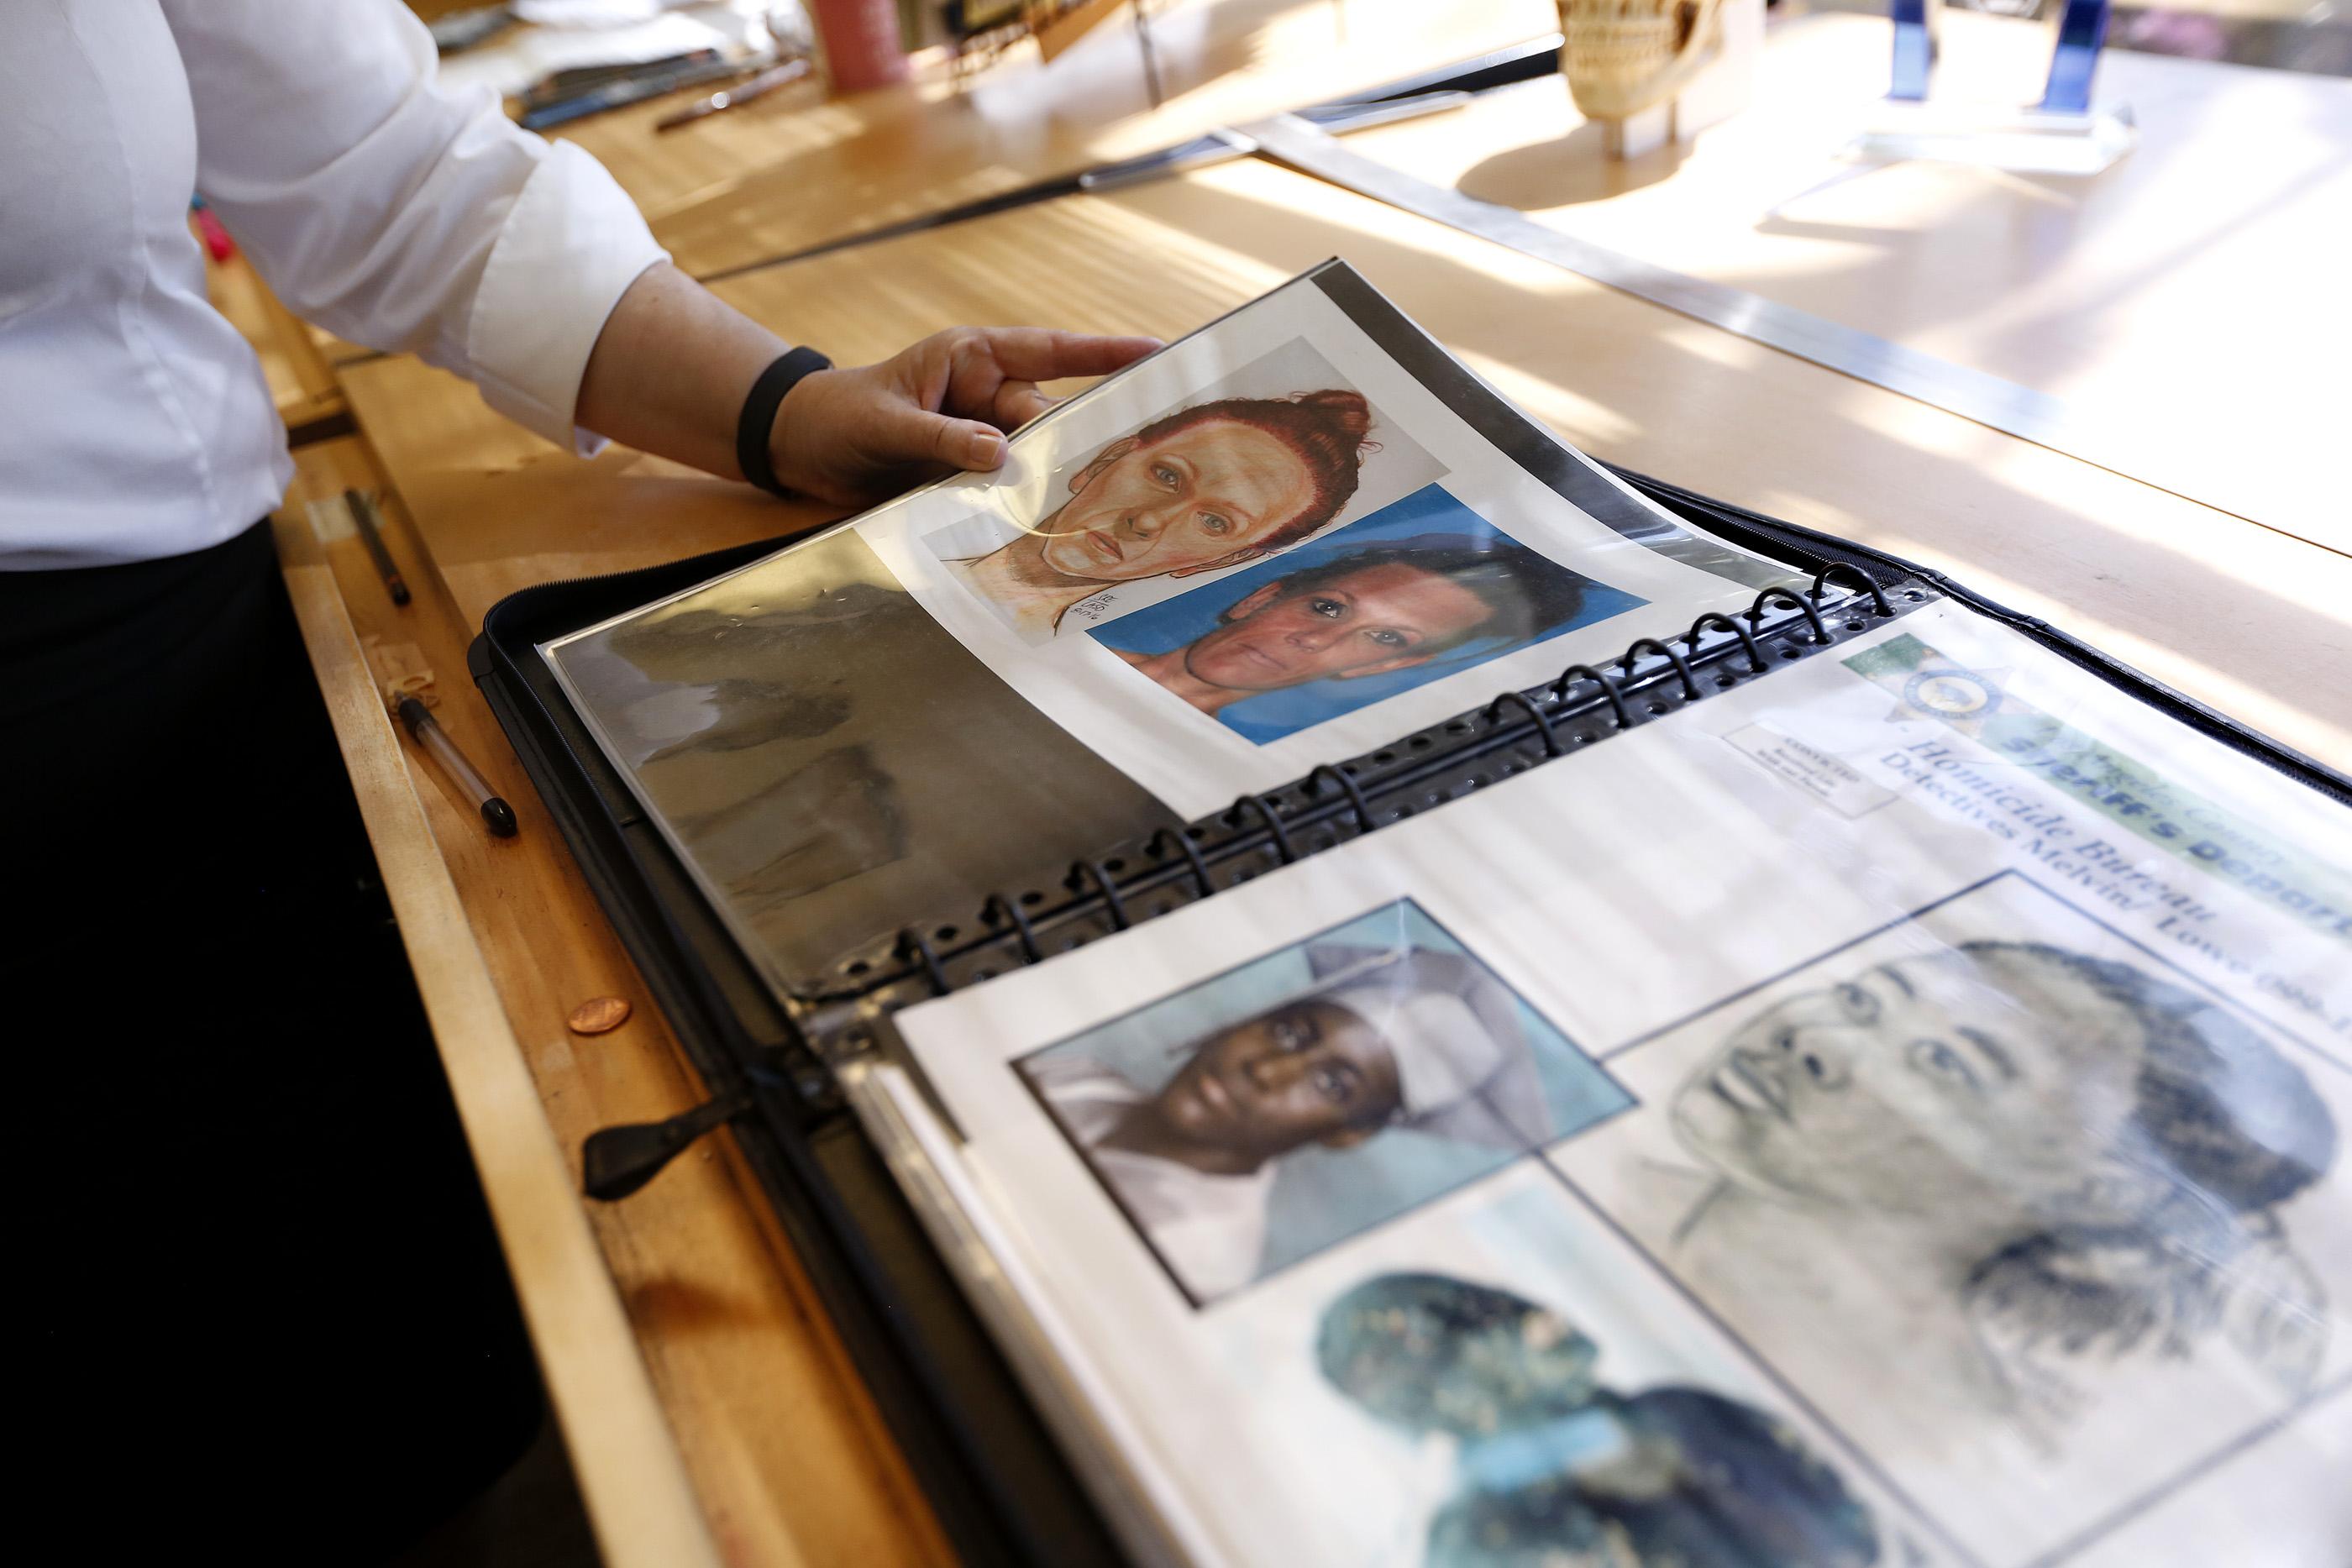 Sandra Enslow, coordinadora de artes gráficas para el Sheriff, muestra bocetos de investigaciones famosas que ha realizado el Departamento del Sheriff. (Aurelia Ventura/La Opinion)